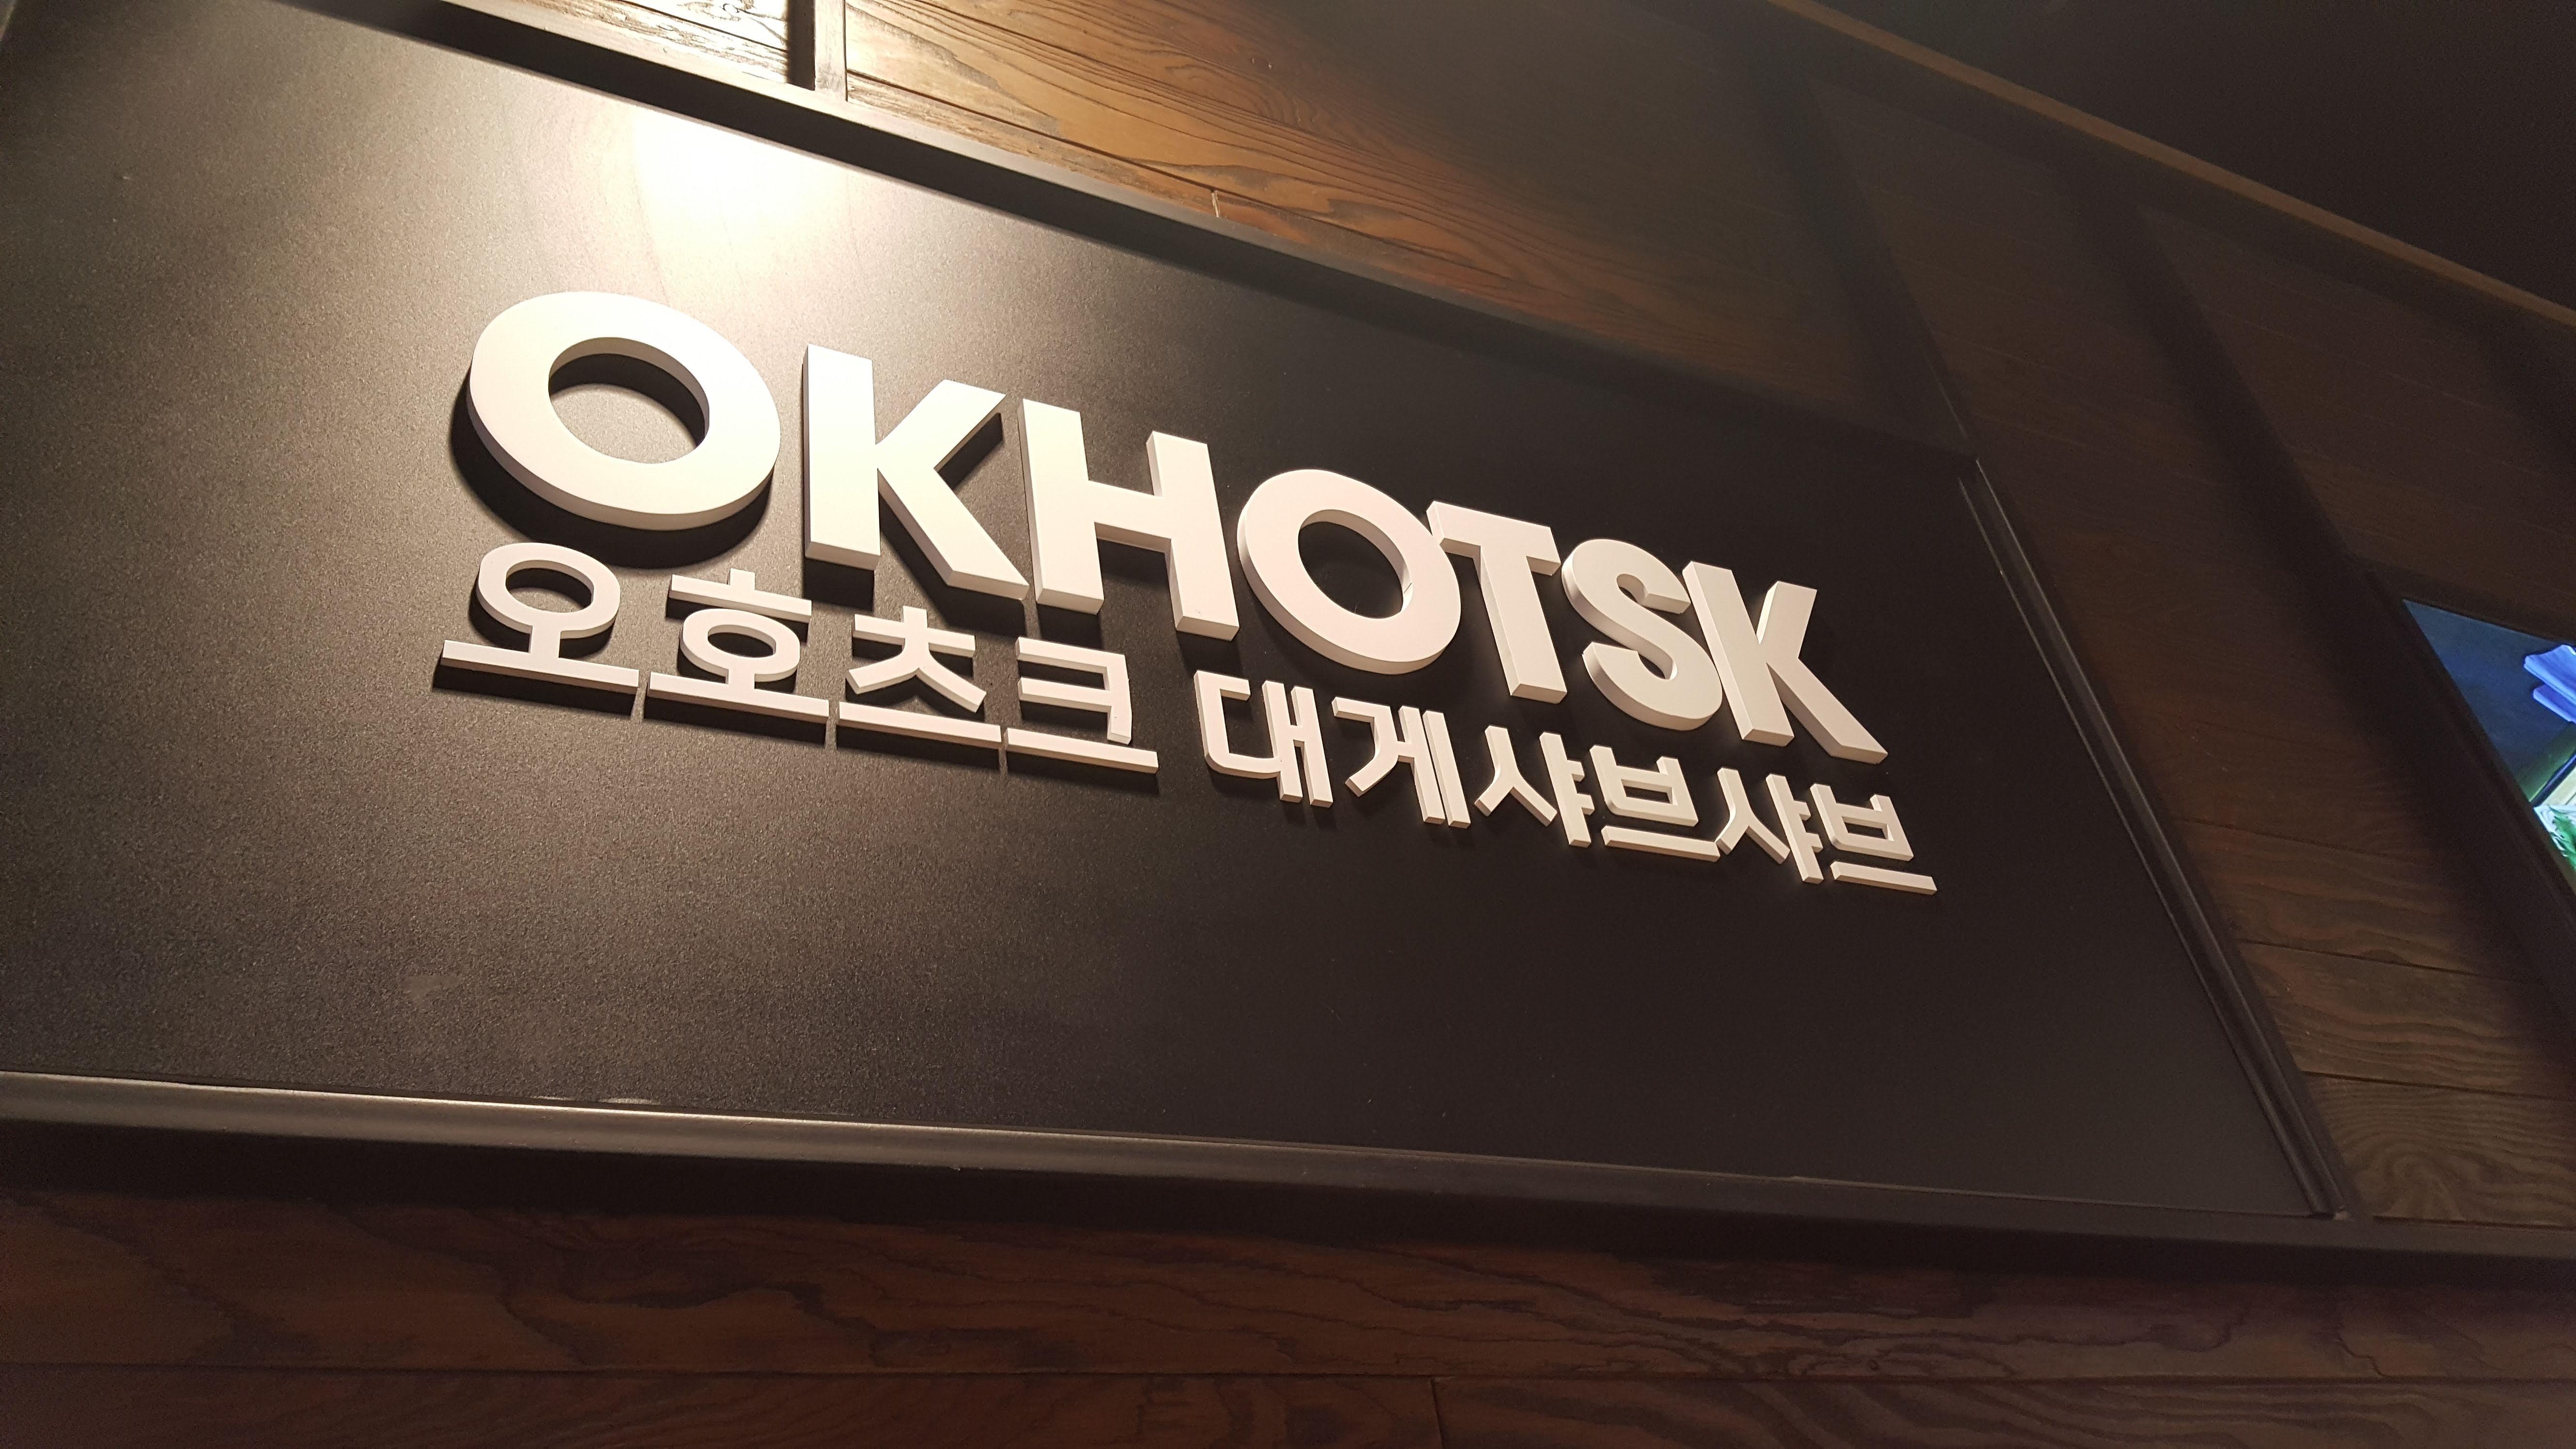 [대게 사진] 오호츠크 대게 샤브샤브 동대문 롯데 피트인 점